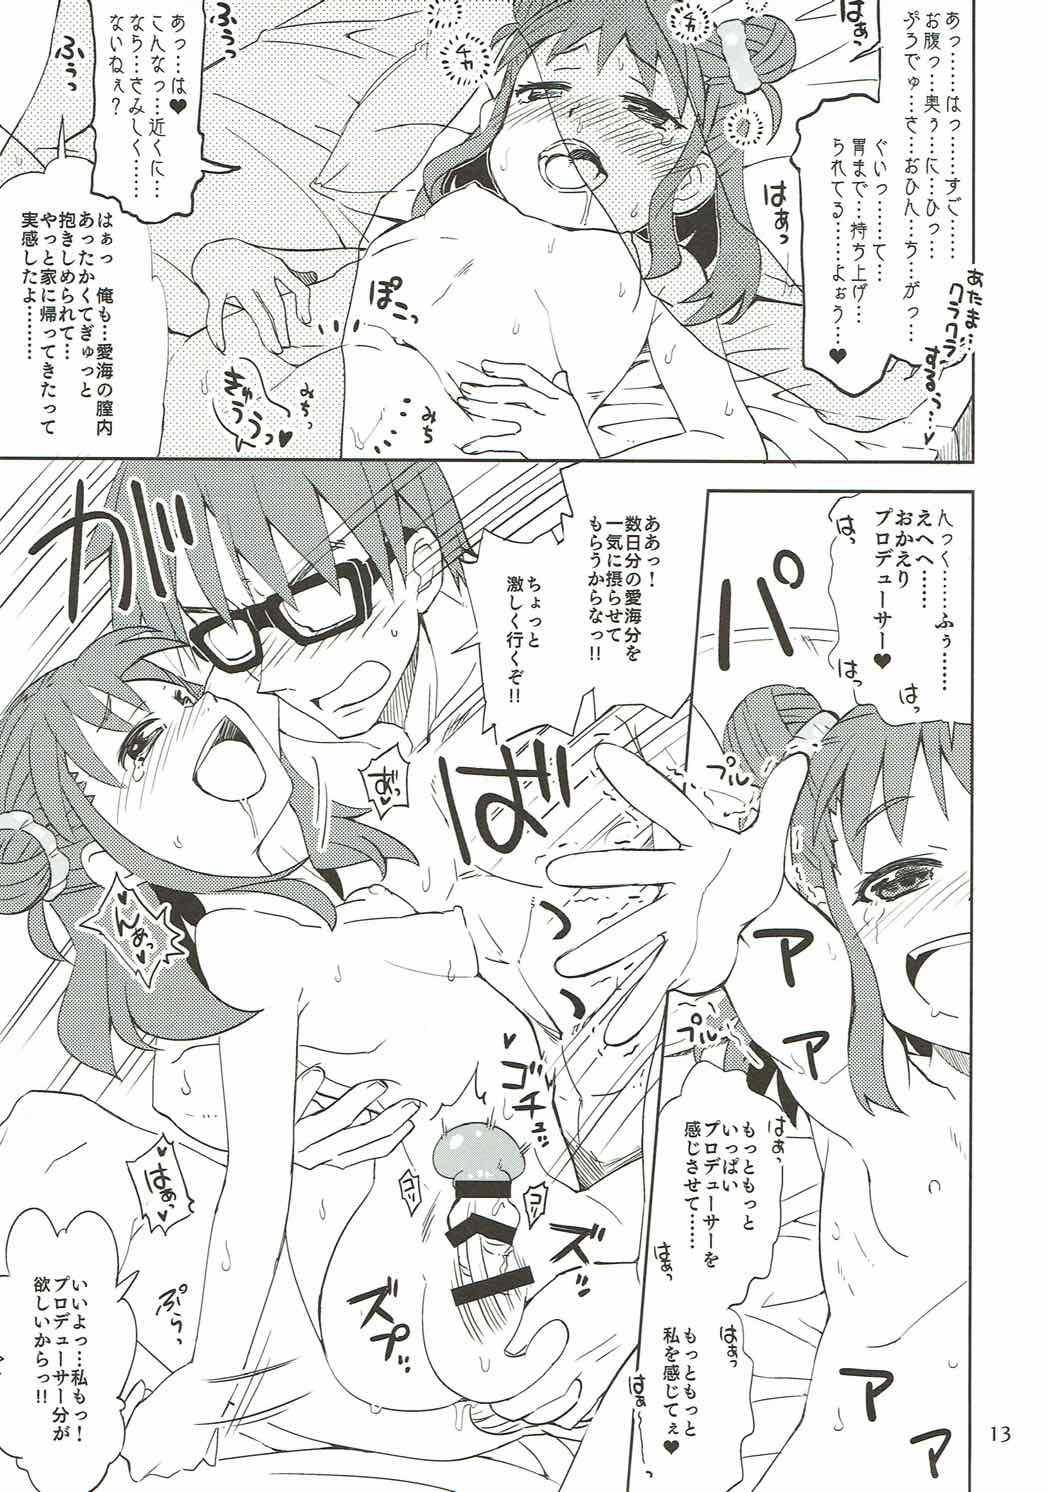 Samishigariya no Ai wa Umi yori mo Fukaku, Yama yori mo Yawai. 11